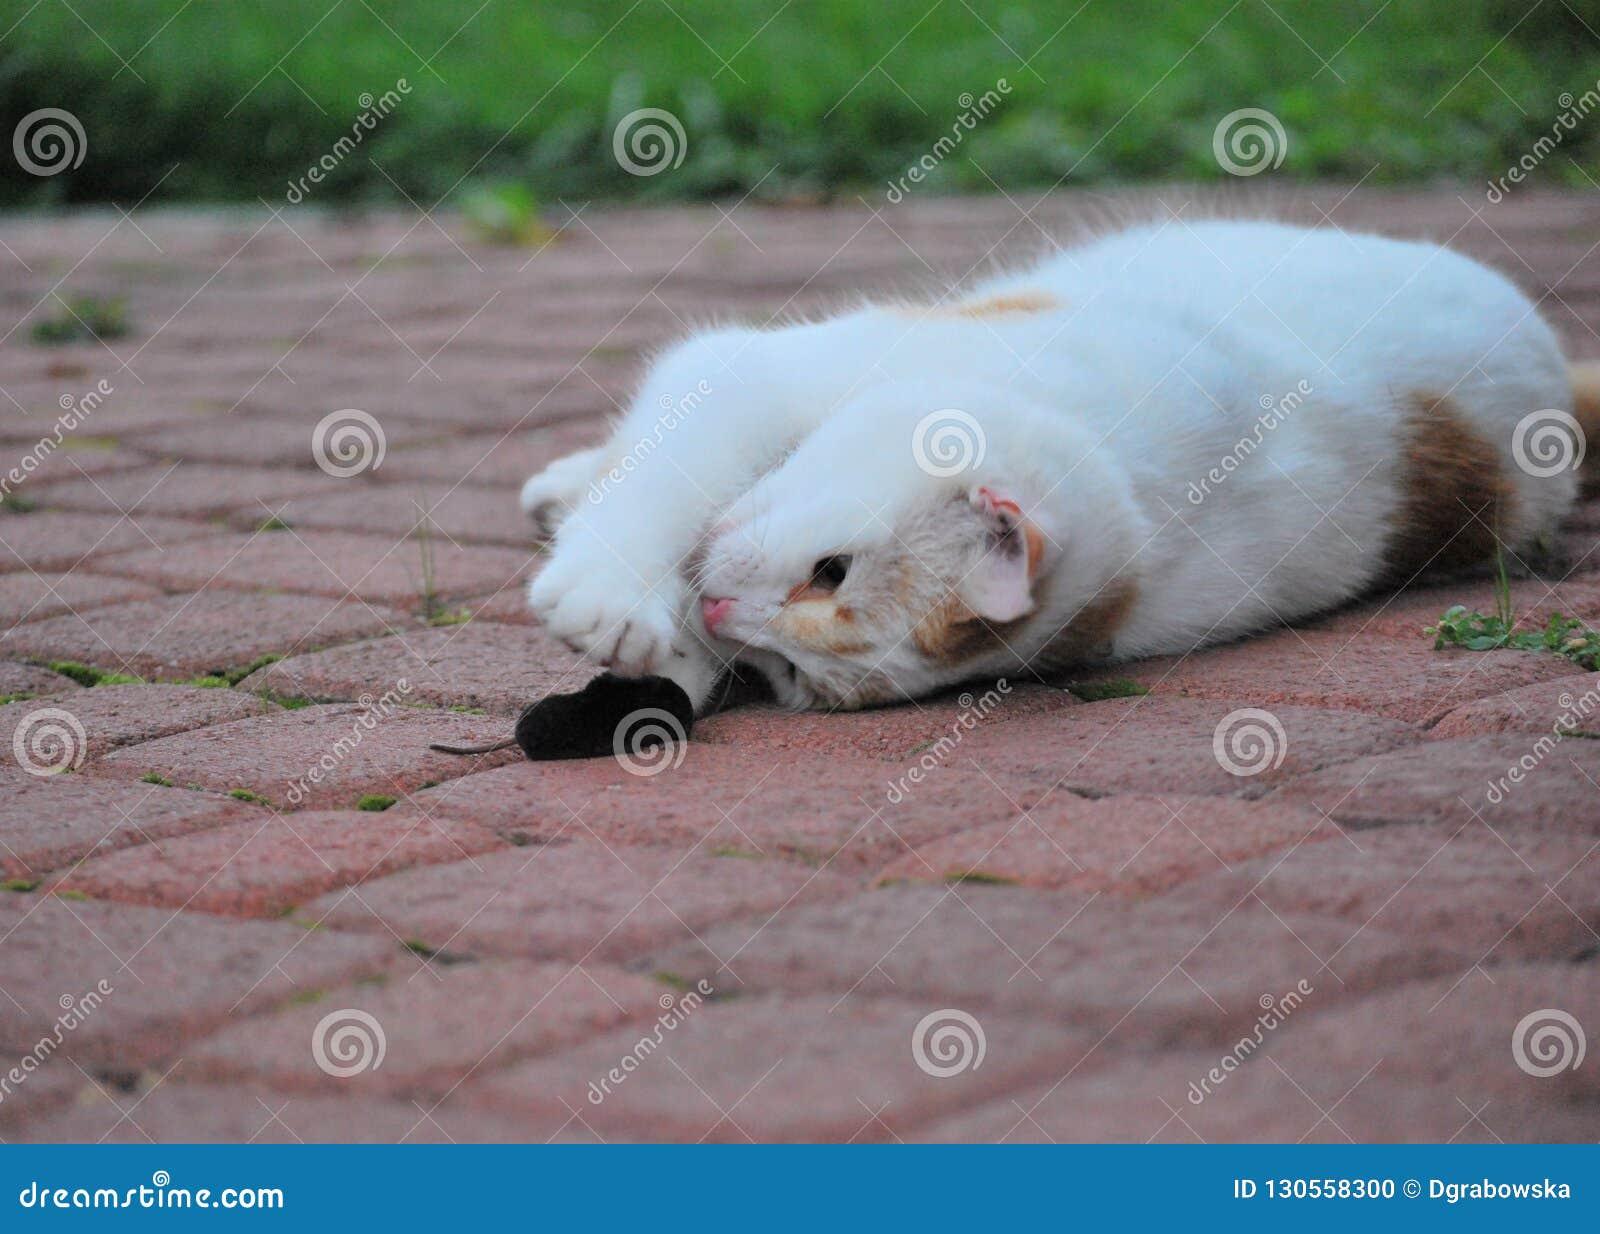 Katze mit seiner gerechten catched Maus